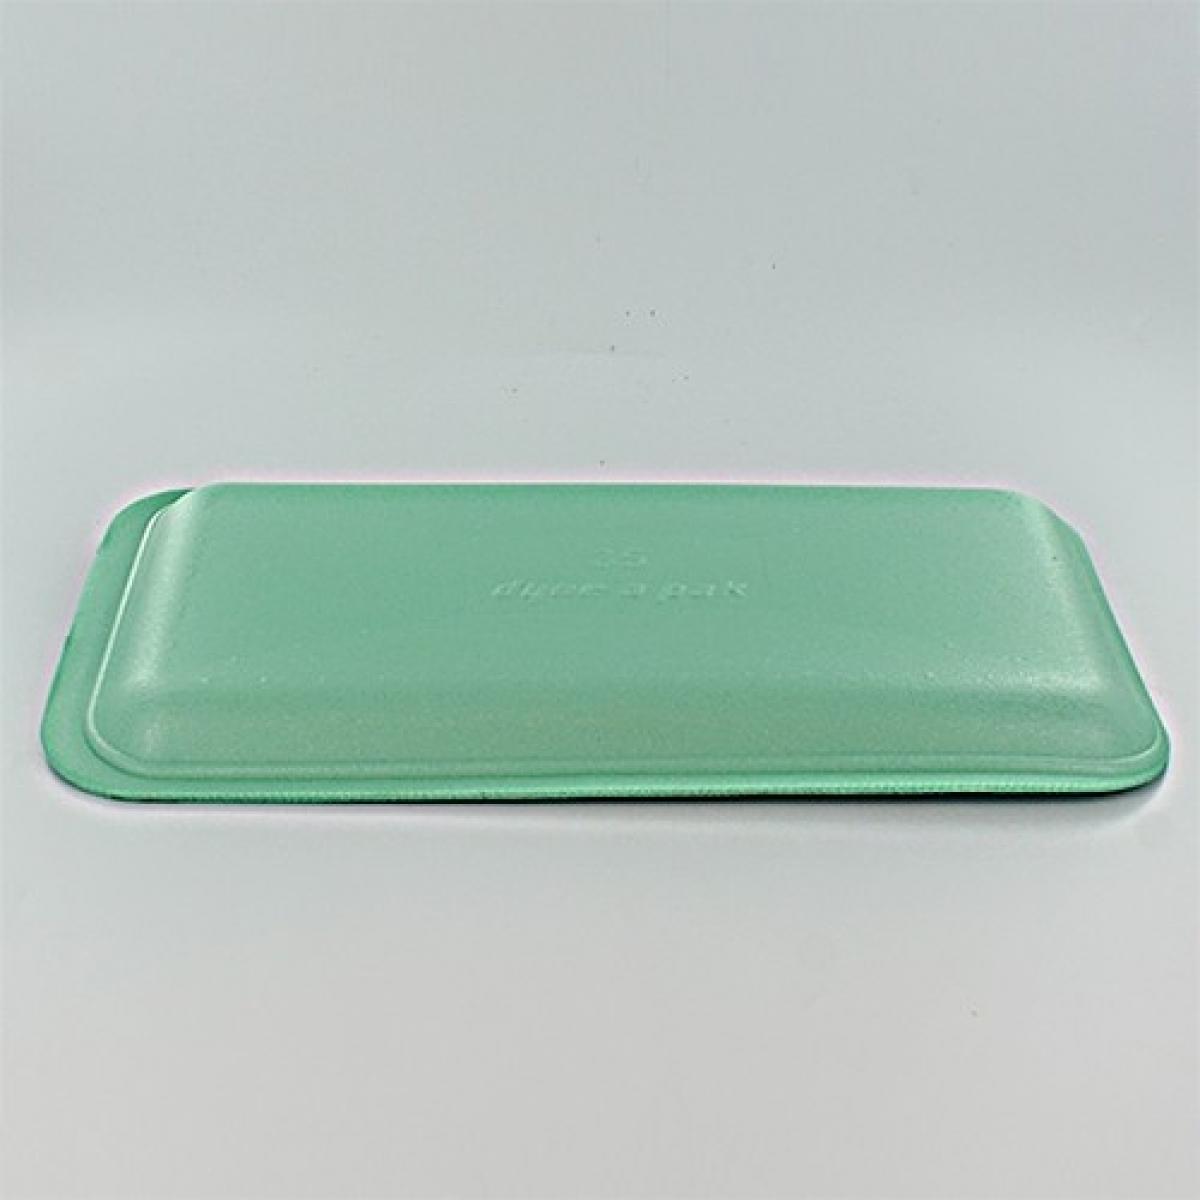 foam tray (green) 216*152*20